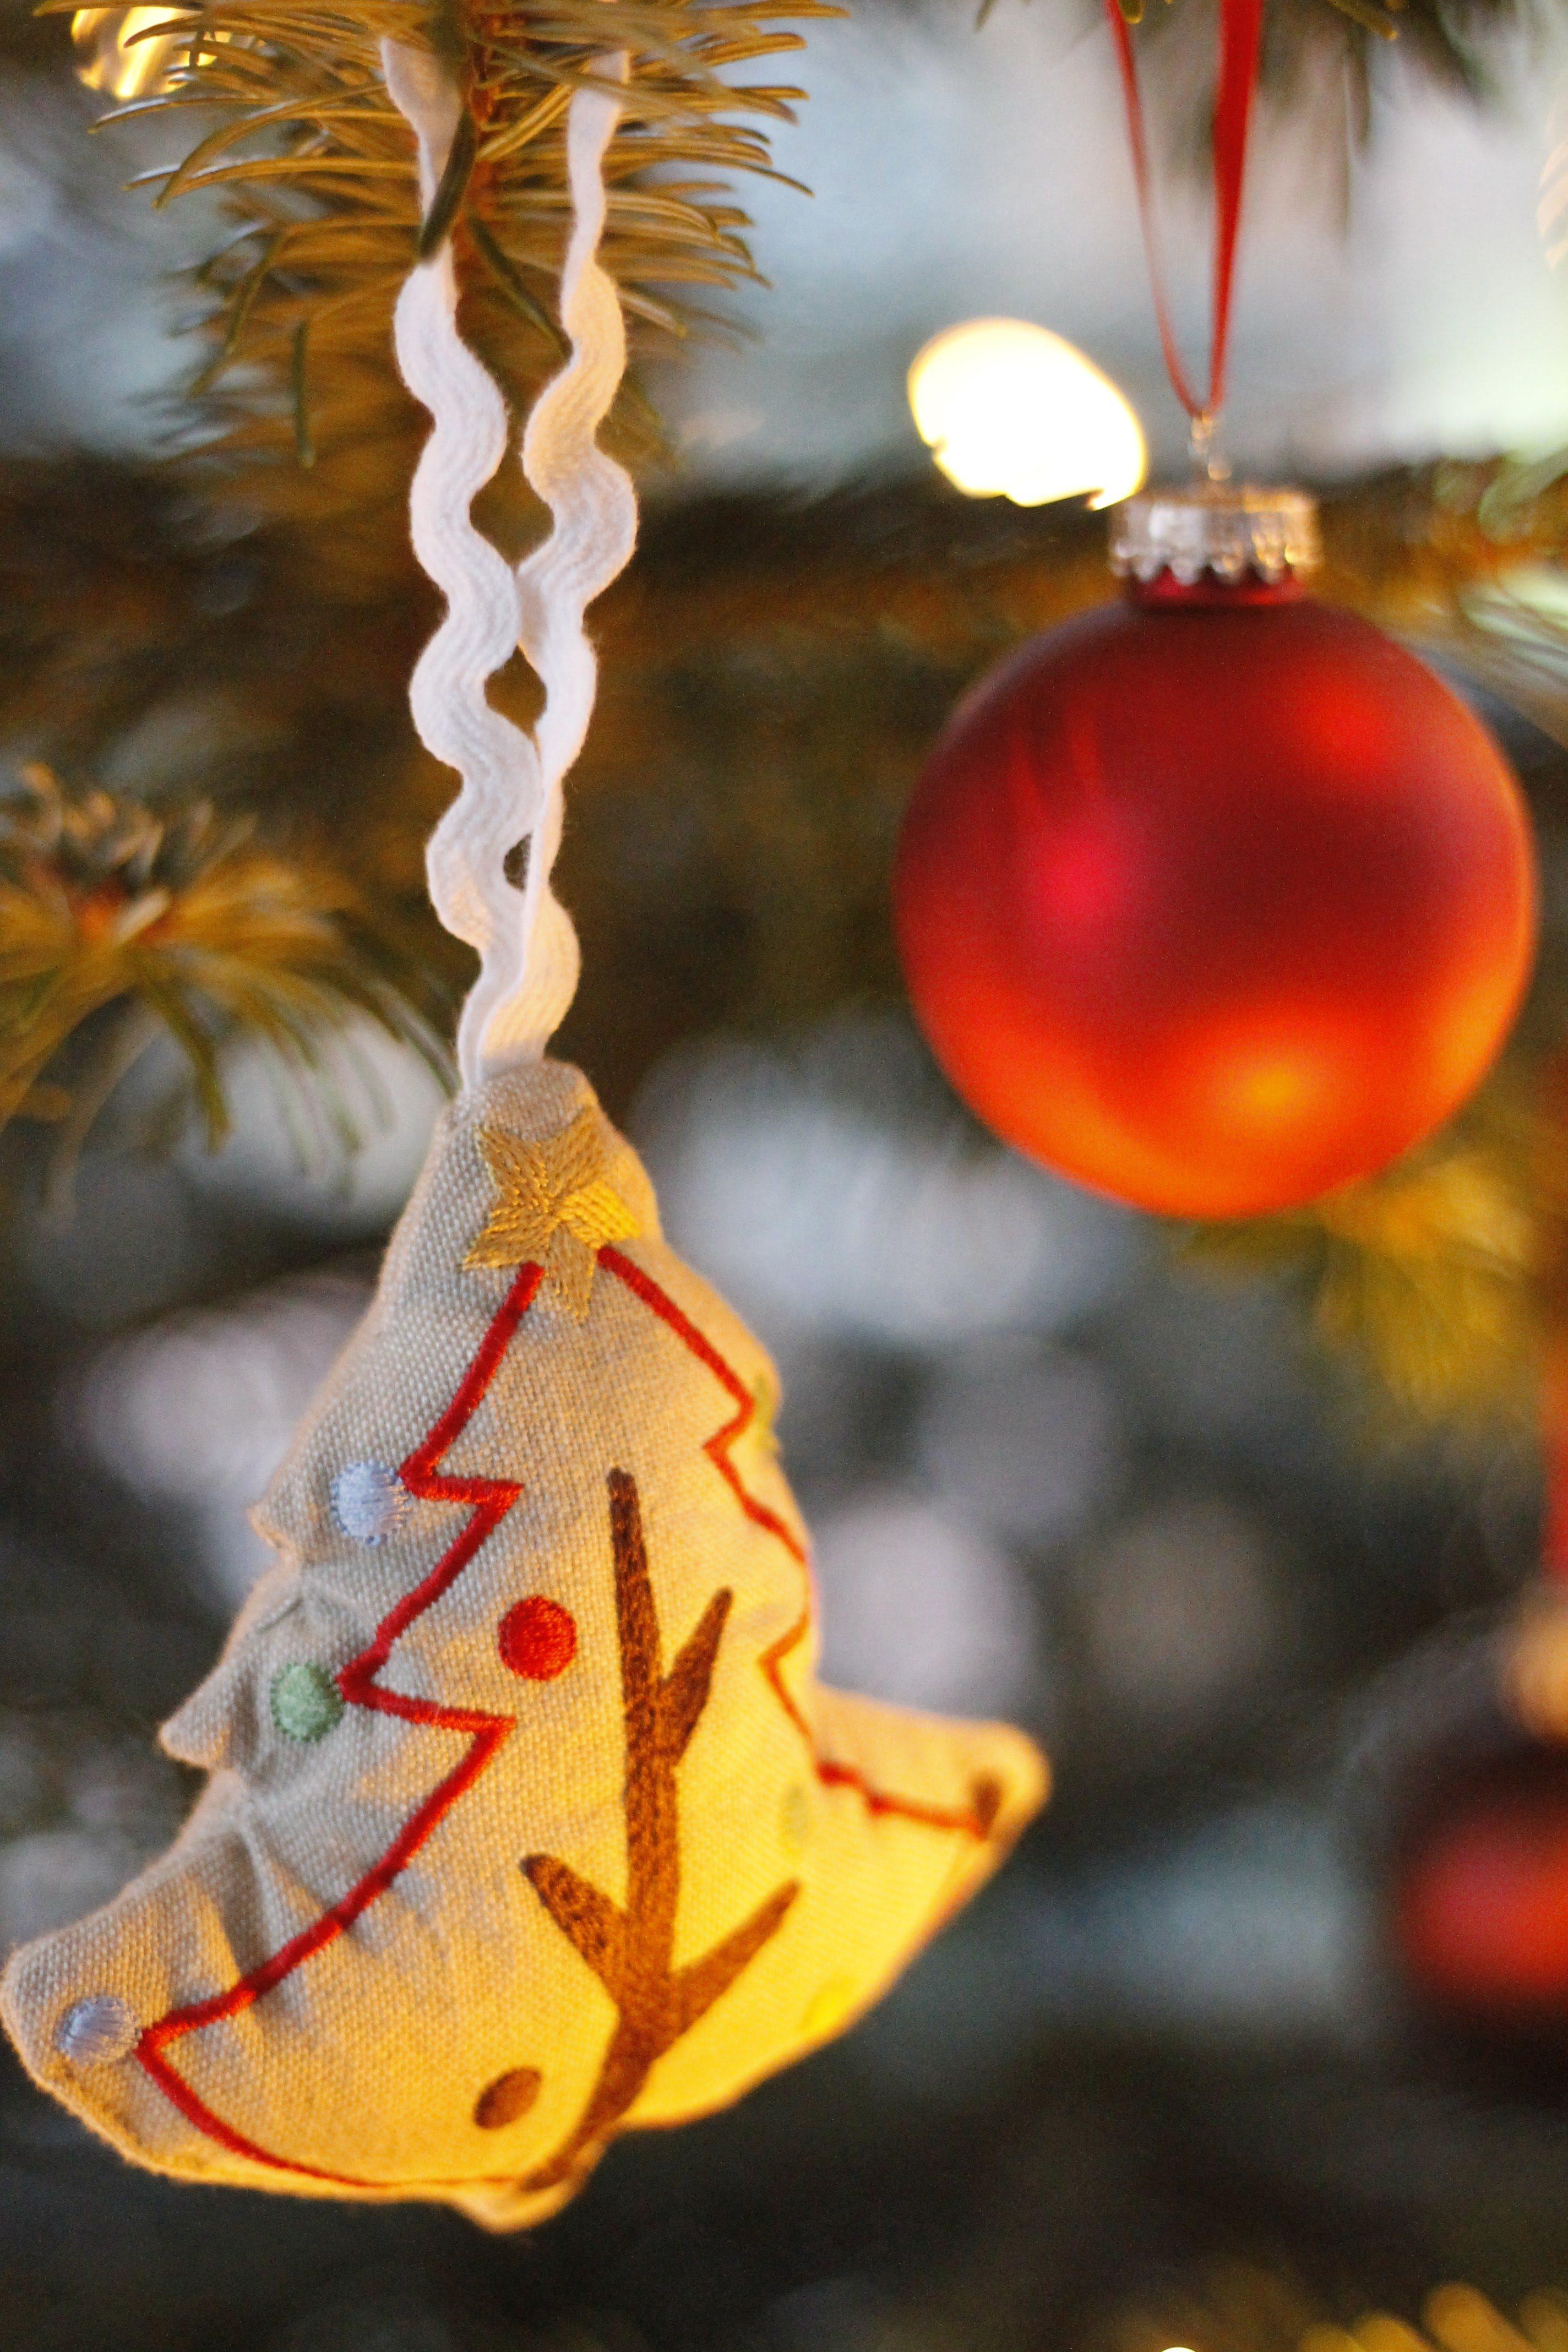 Ideen Weihnachtsbaum Schmücken.Weihnachtsbaum Schmücken Ideen Lavendelblog